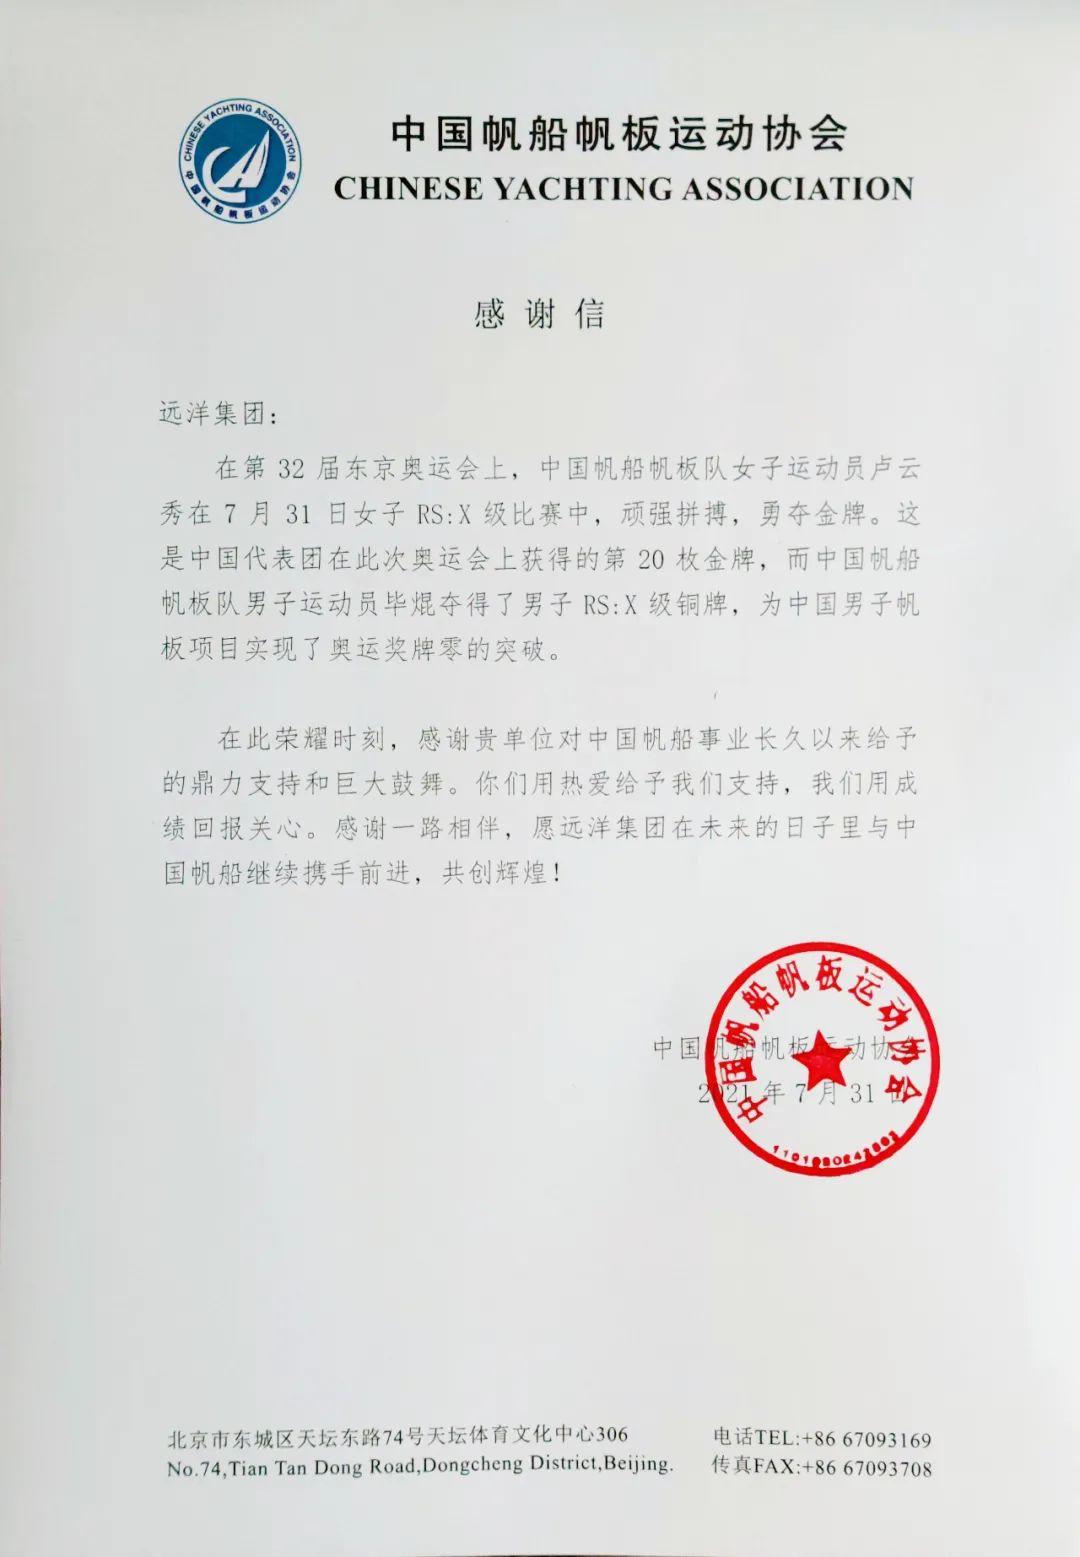 摘下奥运一金一铜 中帆协向远洋集团发来感谢信_中国网地产